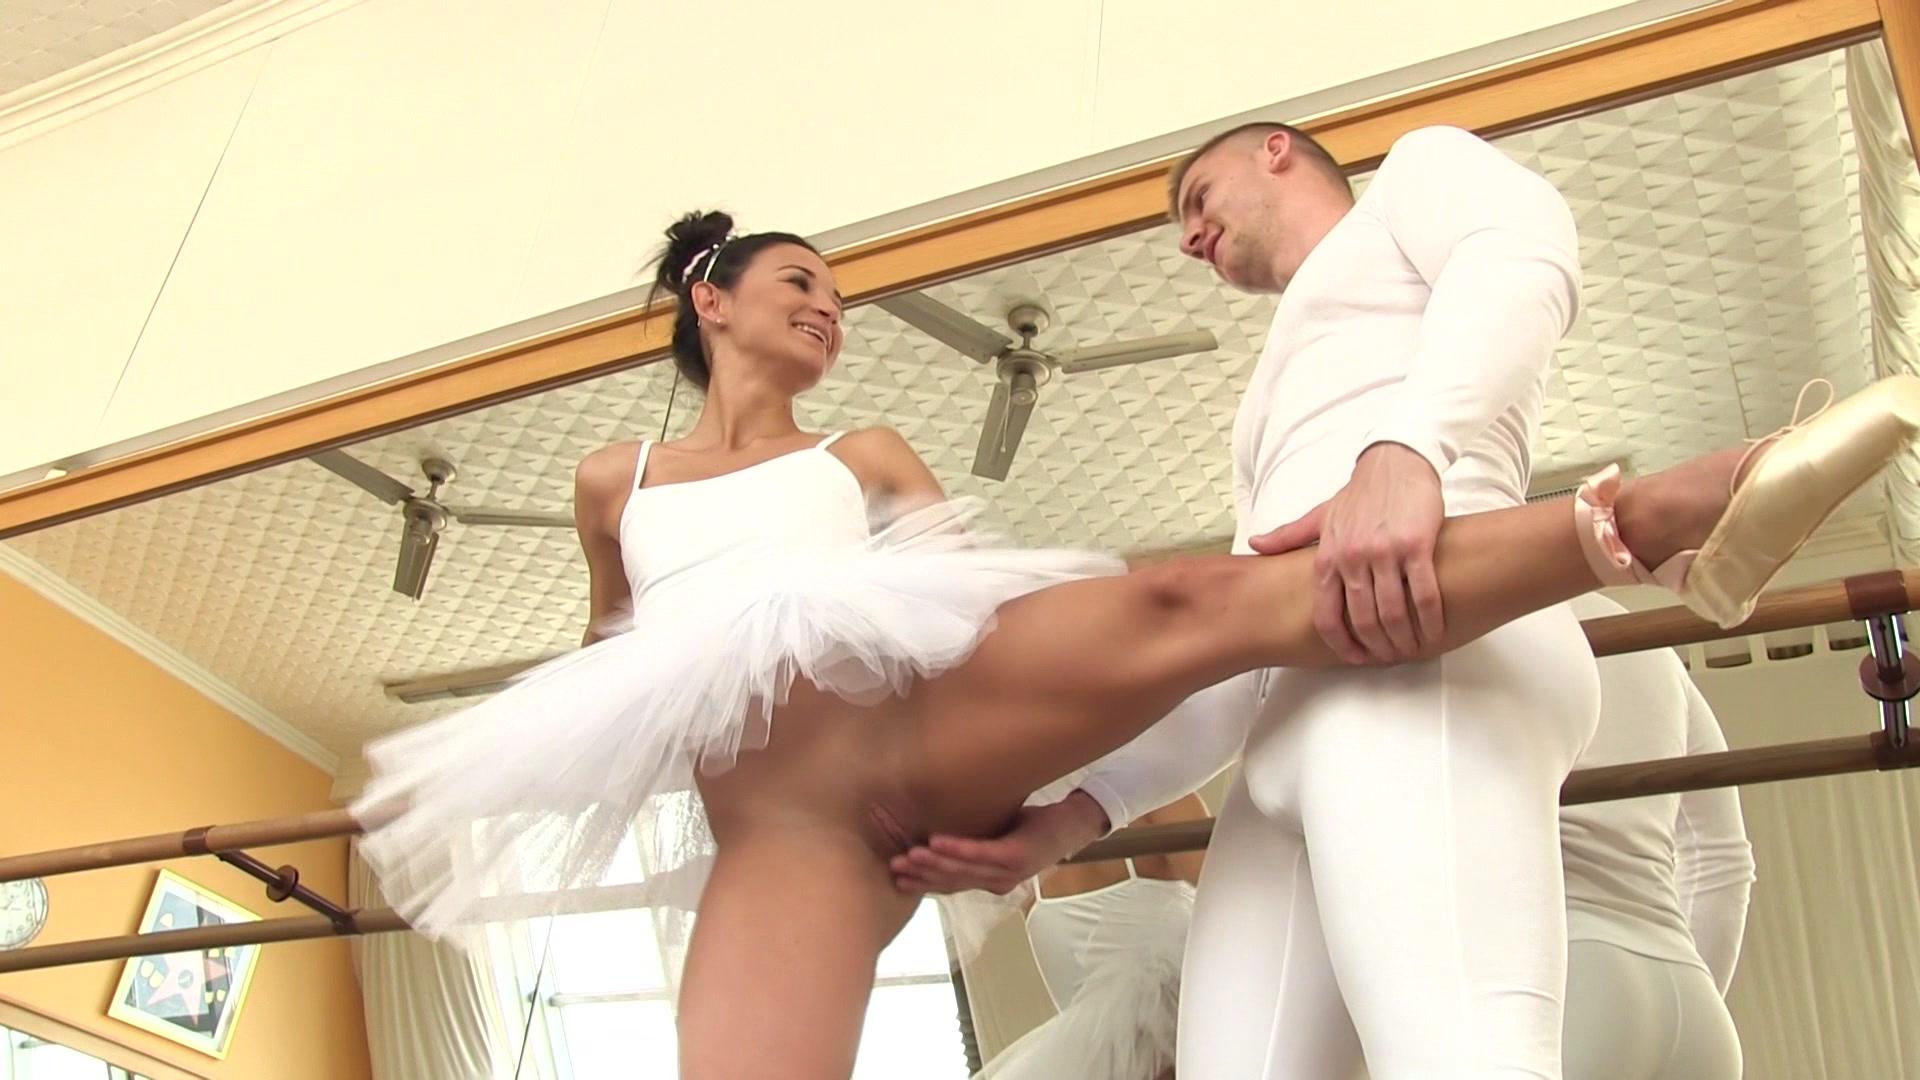 Современный порно балет видео онлайн, русское порно сайты для мобилы